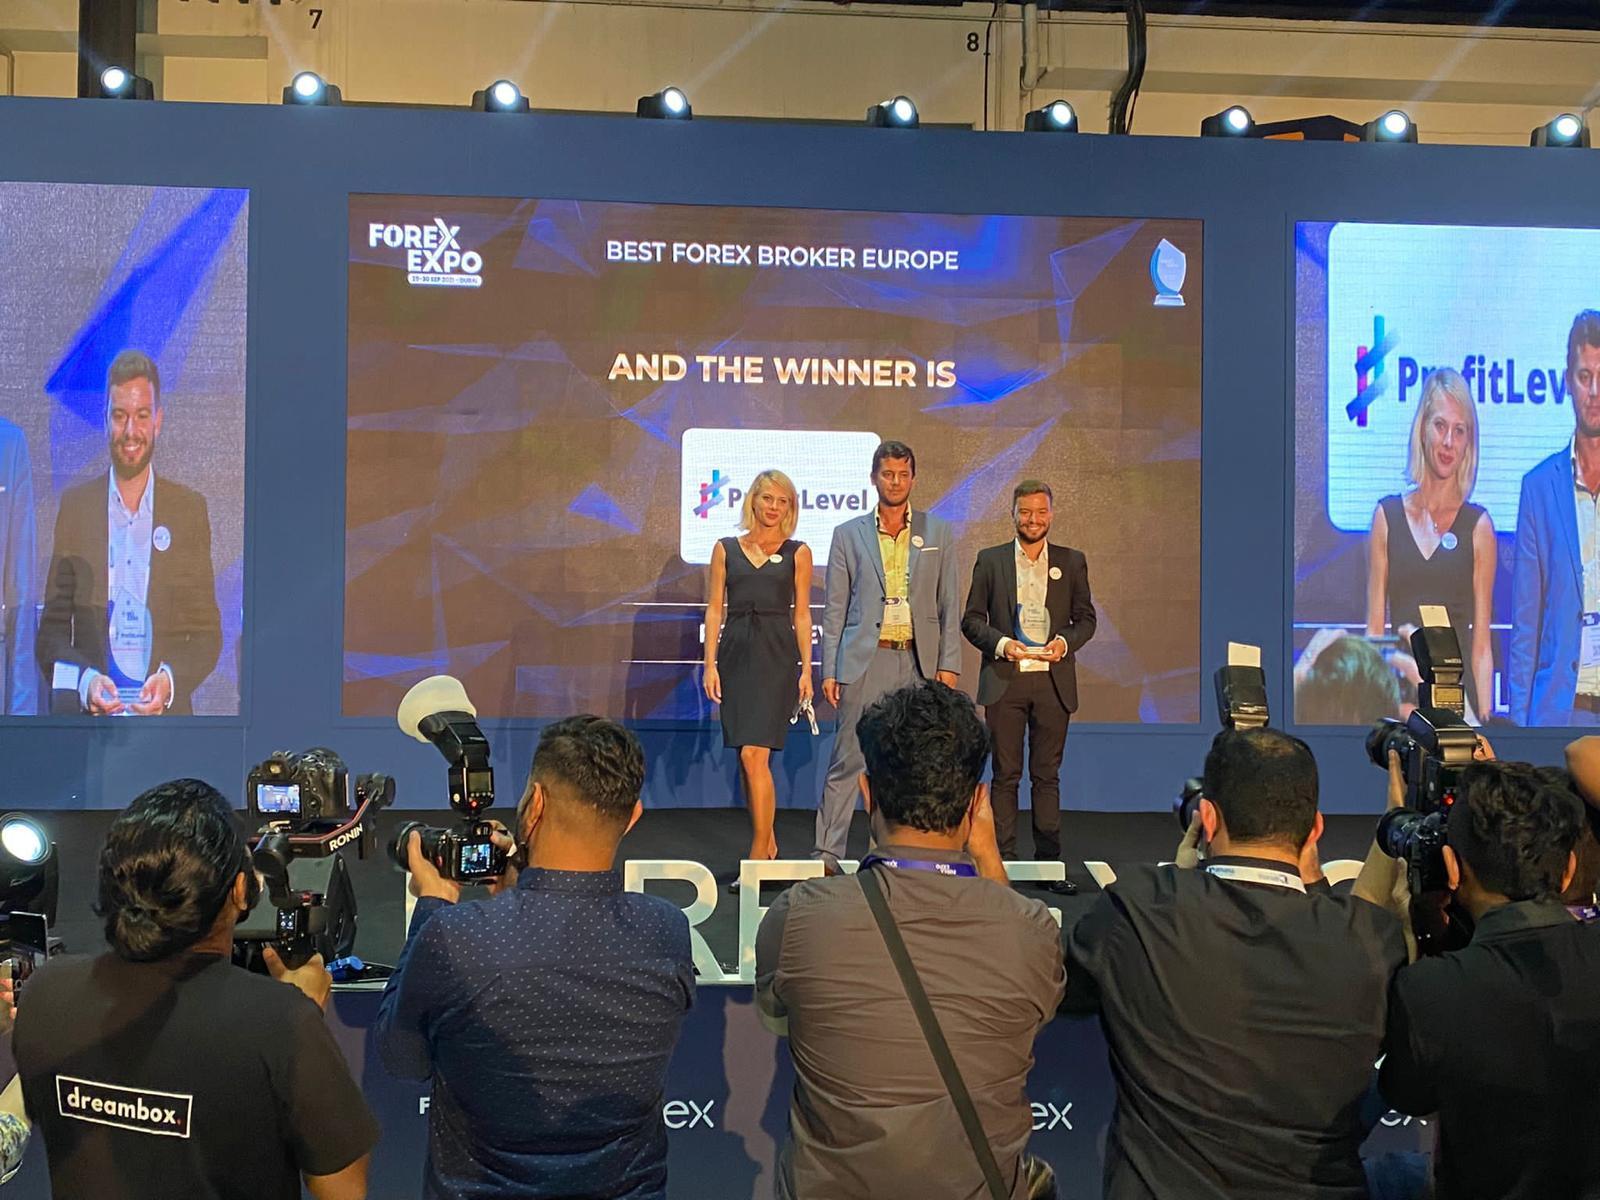 Η ProfitLevel βραβεύτηκε ως ο καλύτερος Ευρωπαίος Μεσίτης Forex στην Forex Expo στο Ντουμπάι 2021